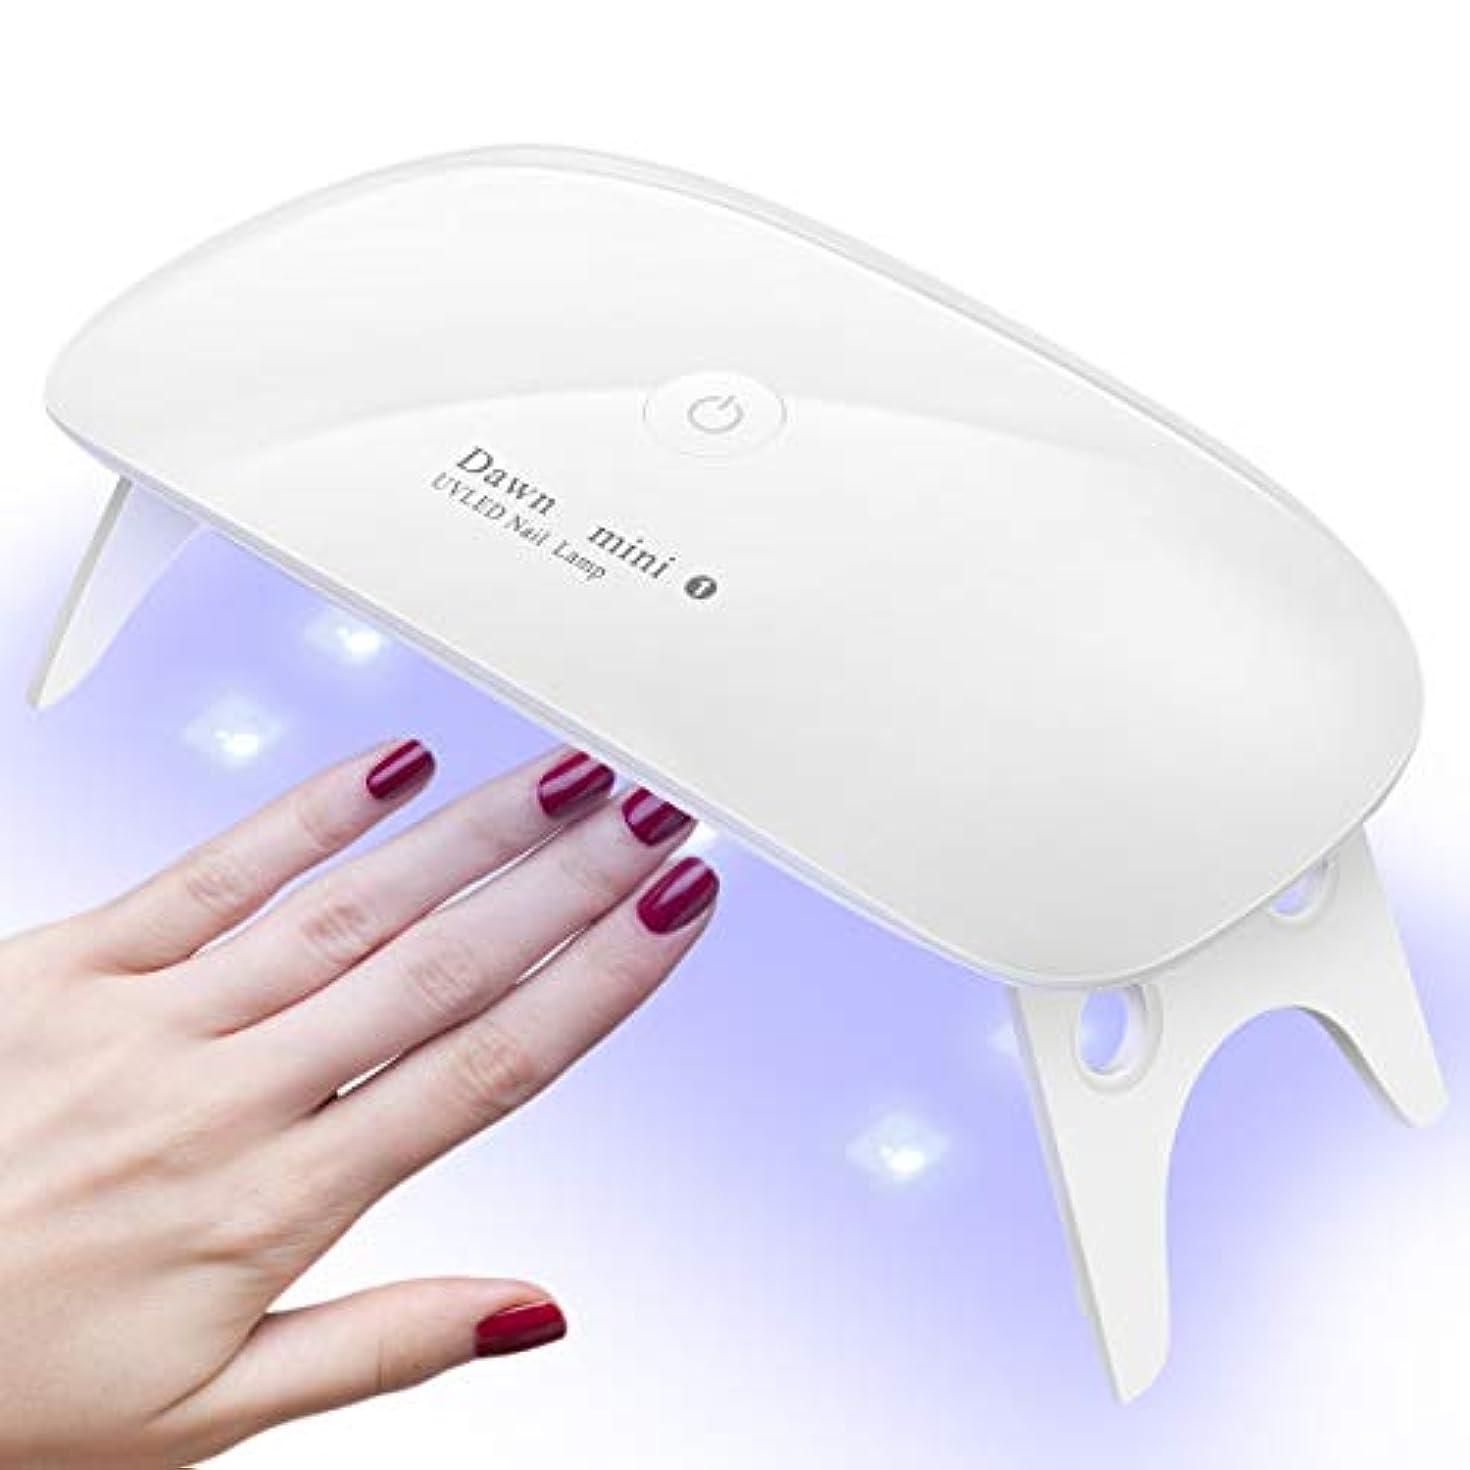 翻訳者ルーインポートUVライト レジン用 硬化ライト LEDネイルドライヤー タイマー設定可能 折りたたみ式手足とも使える UV と LEDダブルライト ジェルネイル と レジンクラフト用